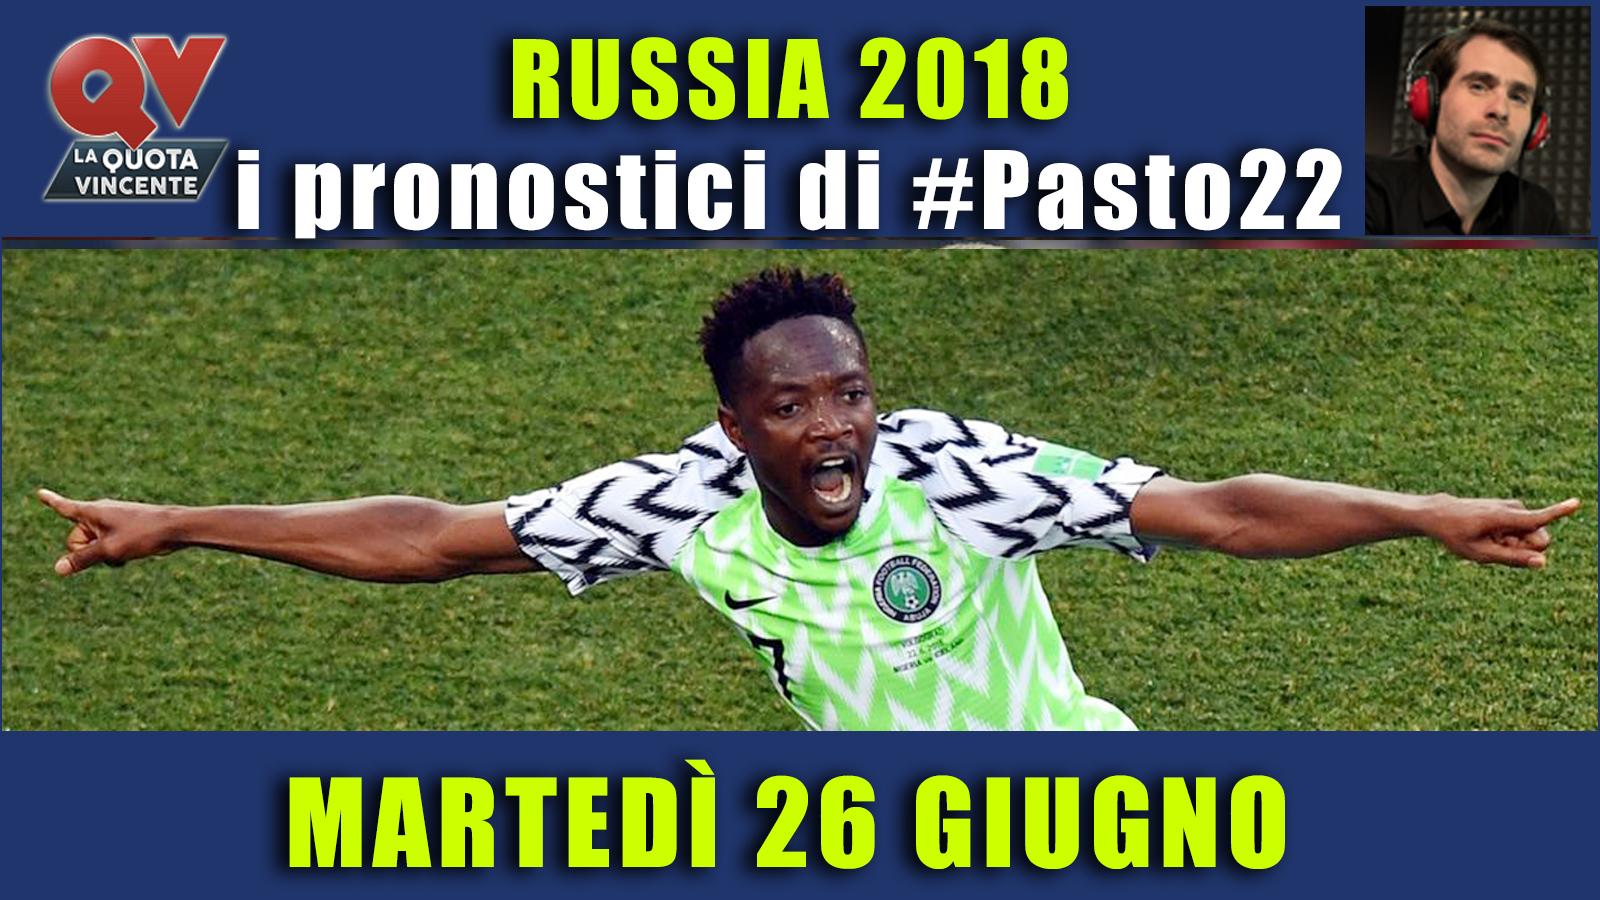 Pronostici Mondiali 26 giugno: le dritte di #Pasto22 a Russia 2018